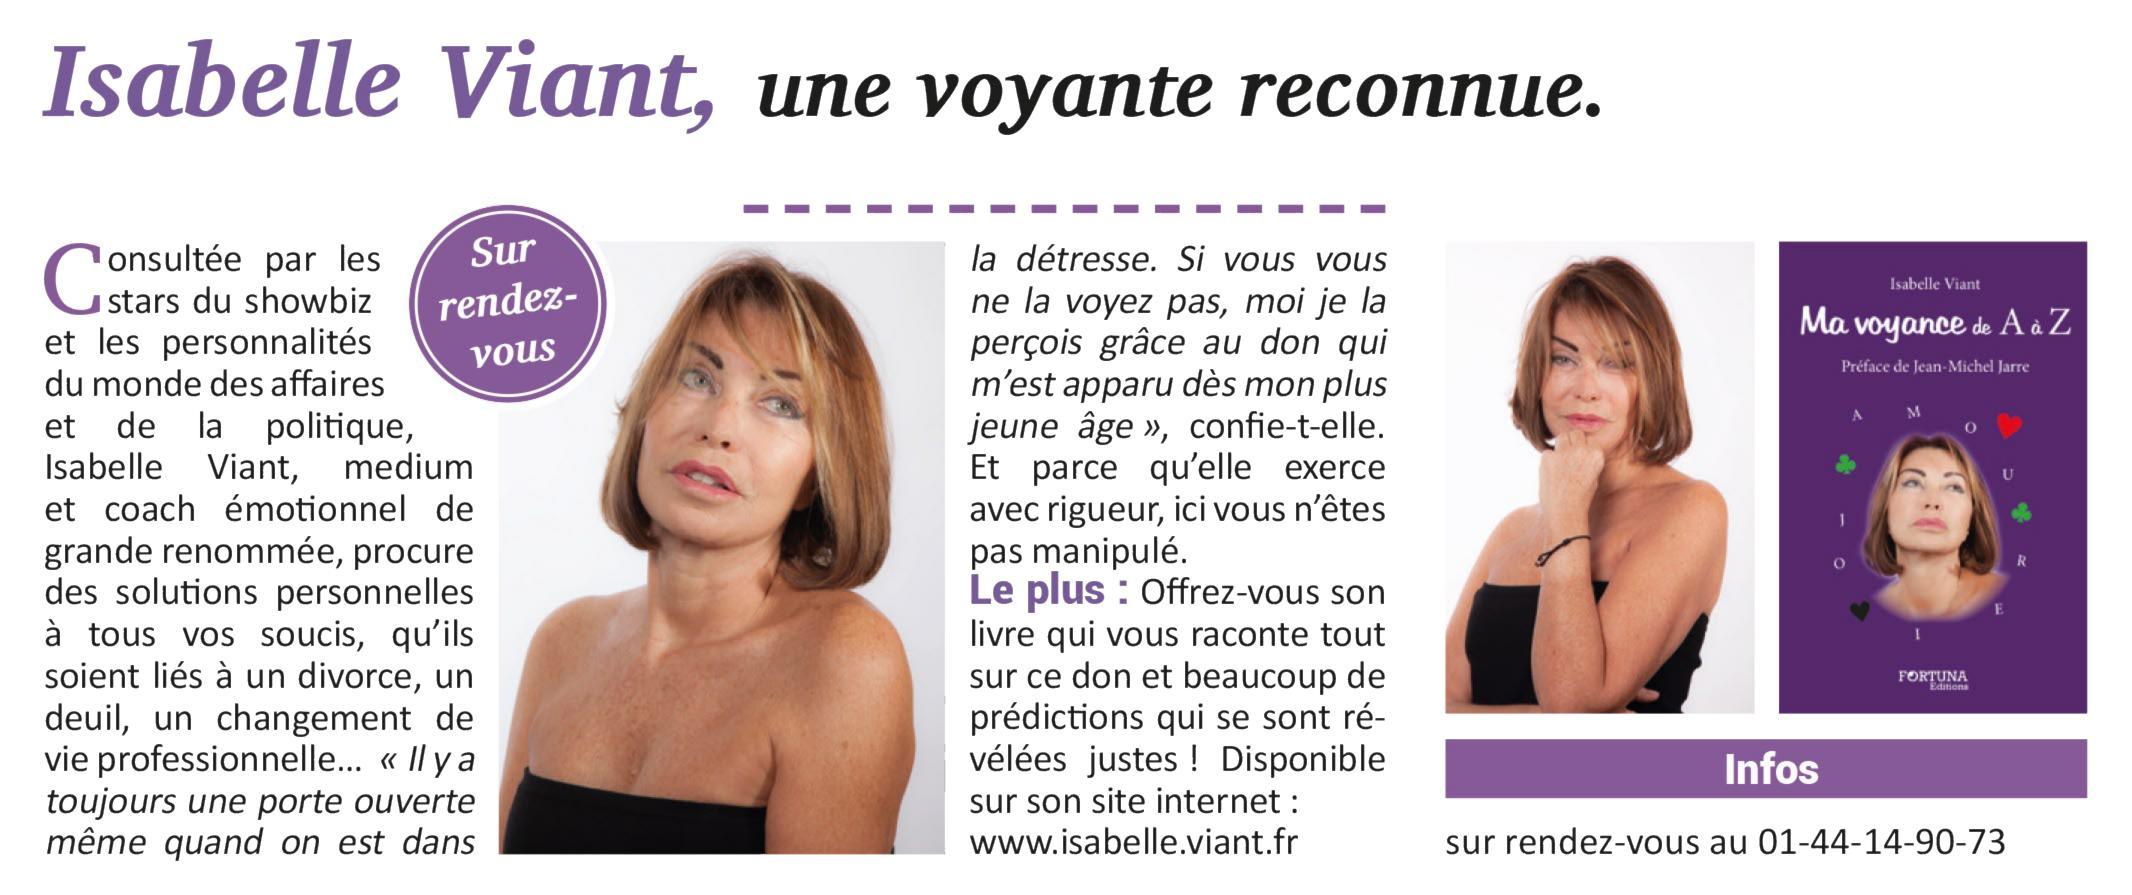 Isabelle Viant Medium Voyante sur Paris. « 58a6032f6c45